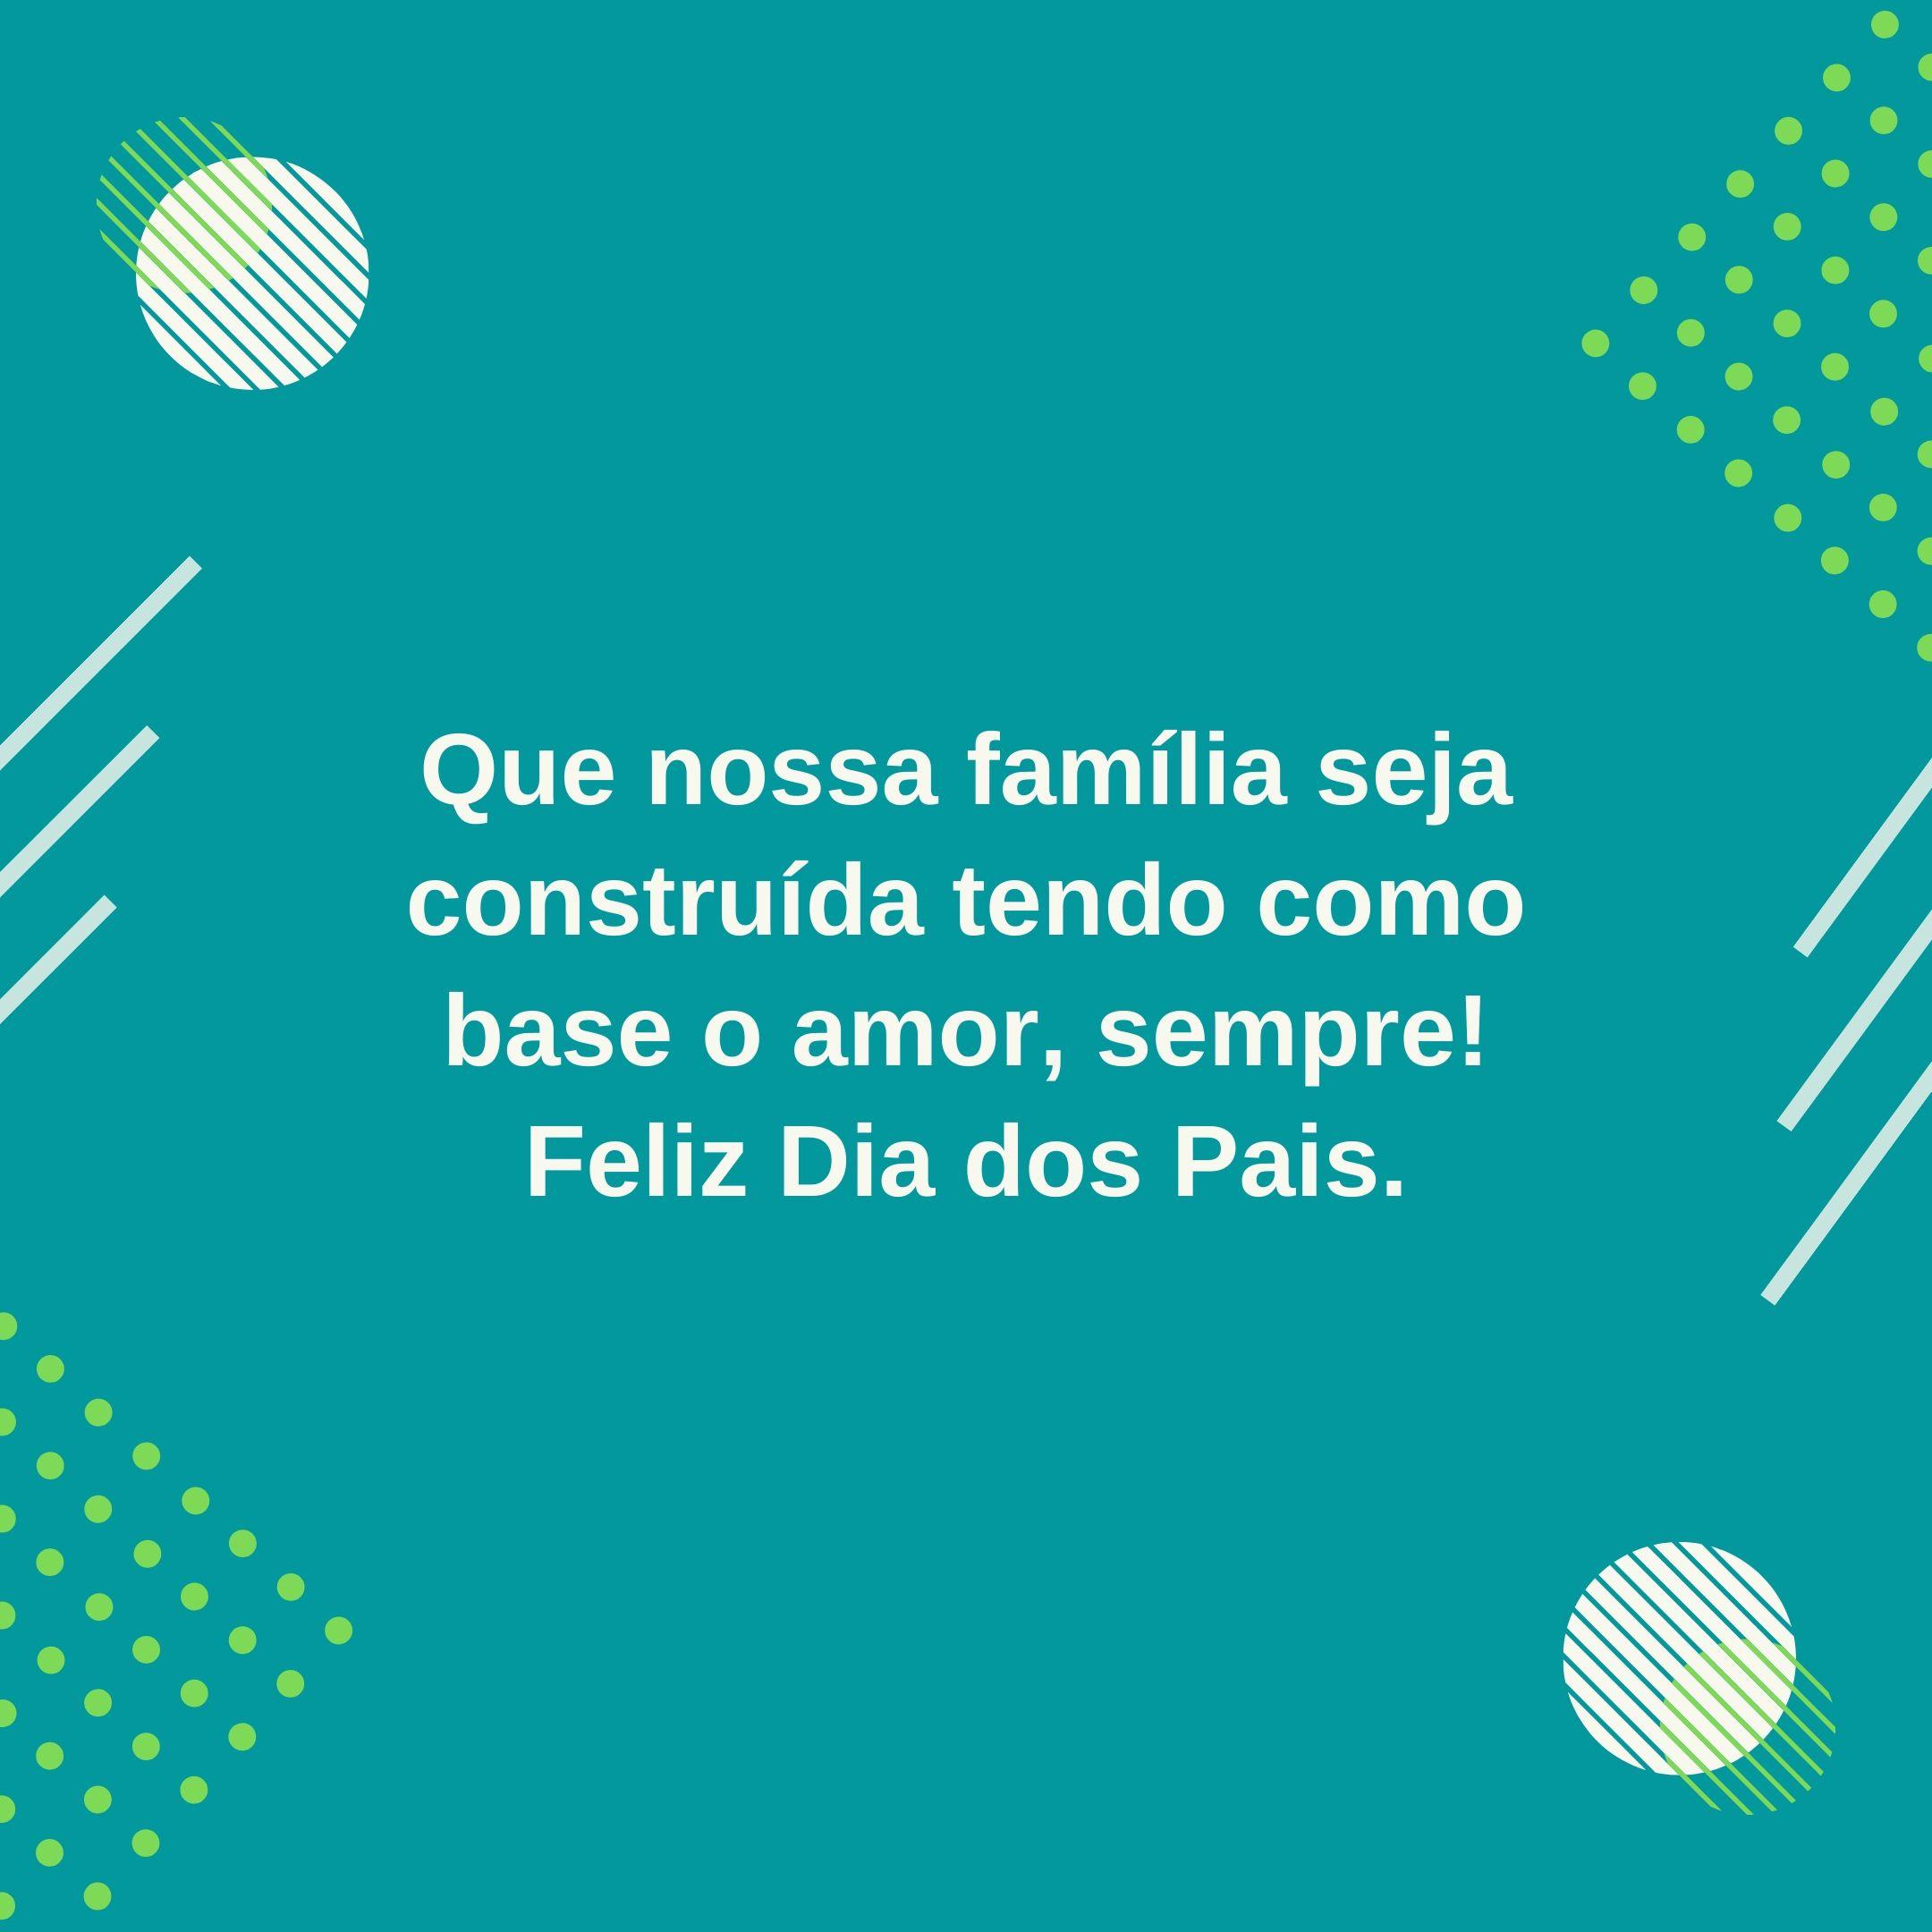 Que nossa família seja construída tendo como base o amor, sempre! Feliz Dia dos Pais.